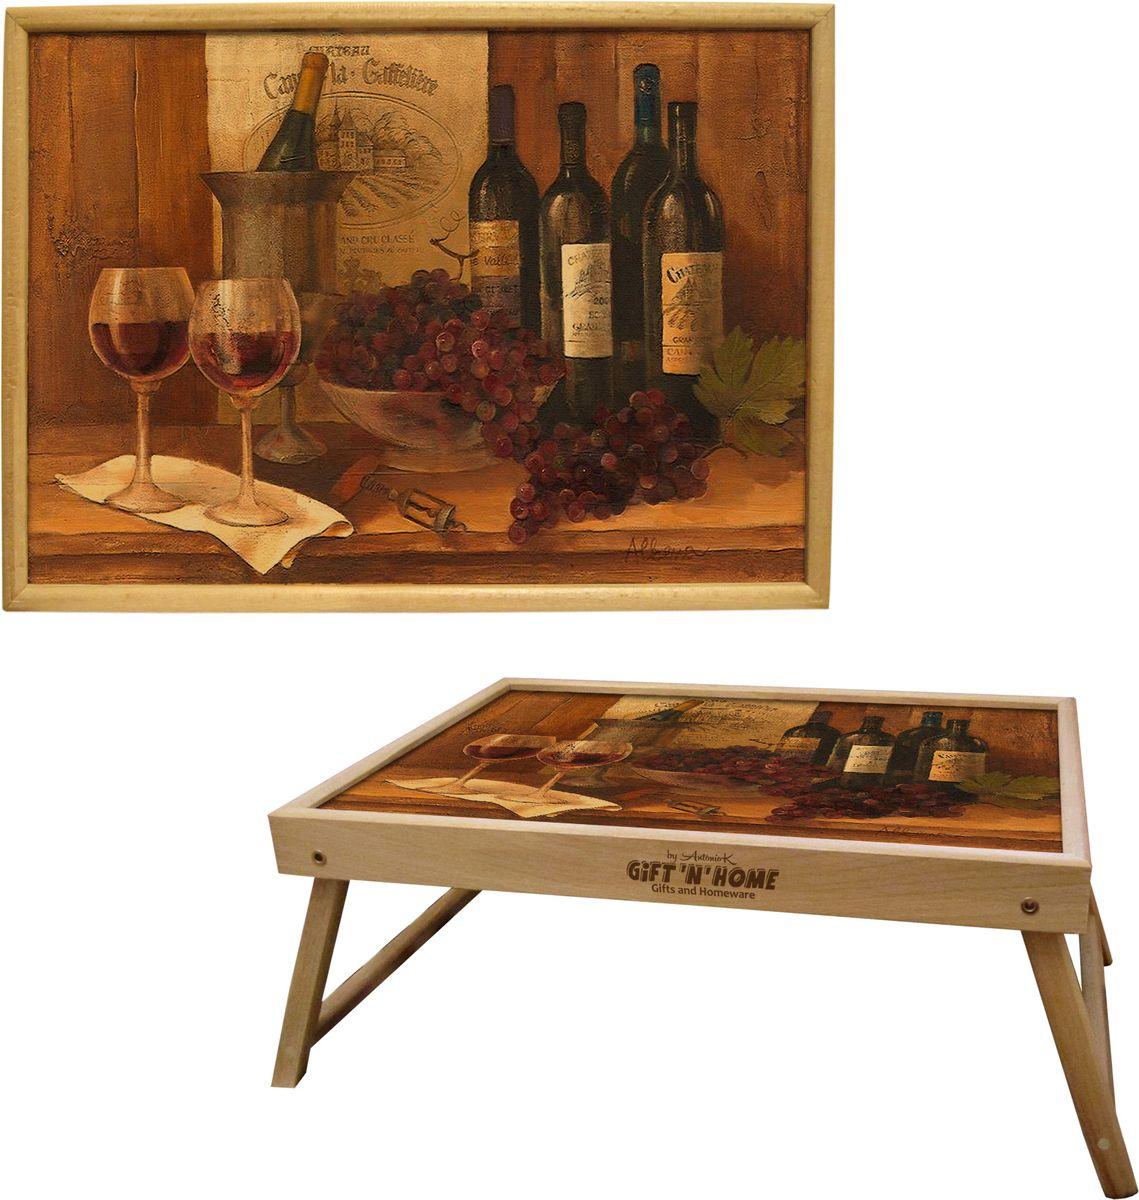 Столик с раскладными ножками GiftnHome Винтажные вина, 30,5 х 43,5 смVT-1520(SR)Великолепное решение для подарка - поднос, с раскладными ножками - это истинный комплимент Вашим любимым и близким людям. Подать кофе, завтрак в постель или вынести на веранду гостям закуски, фрукты сервированные на стильном Подносе, с оригинальным принтом на поверхности.Помимо функциональной пользы, данные изделия несомненно внесут свой Арт-стиль и уютную атмосферу в домашнее пространство. Нанесенные на столешницу дизайнерские принты от Креативной Студии АнтониоК прекрасно дополнят интерьер Вашего дома, дачи, студии или городской кухни - это современные, актуальные изделия, выполненные с душой, и несущие в дом настроение. Сегодня в тренде - экологичные натуральные материалы. Наша серия ЭКО-ЛАЙФ представлена подносами, столиками, ключницами, разделочными досками и дизайнерскими вешалками для кухни - все изделия изготовлены из благородных пород дерева: бука и дуба, - они прекрасно переносят длительную эксплуатацию и долго сохраняют свой шарм древесной структуры и природные качества.